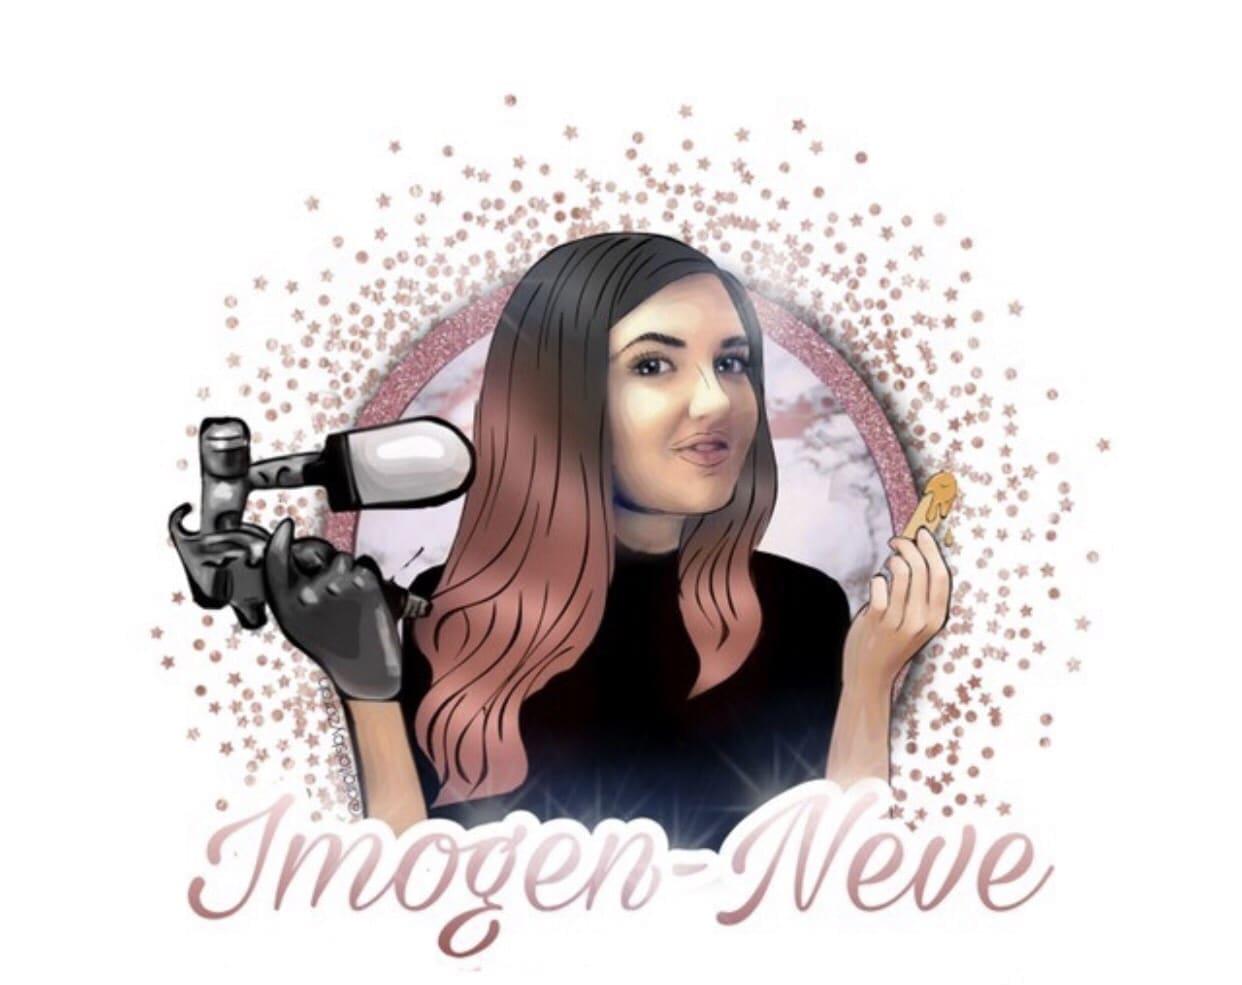 Imogen-Neve Beauty